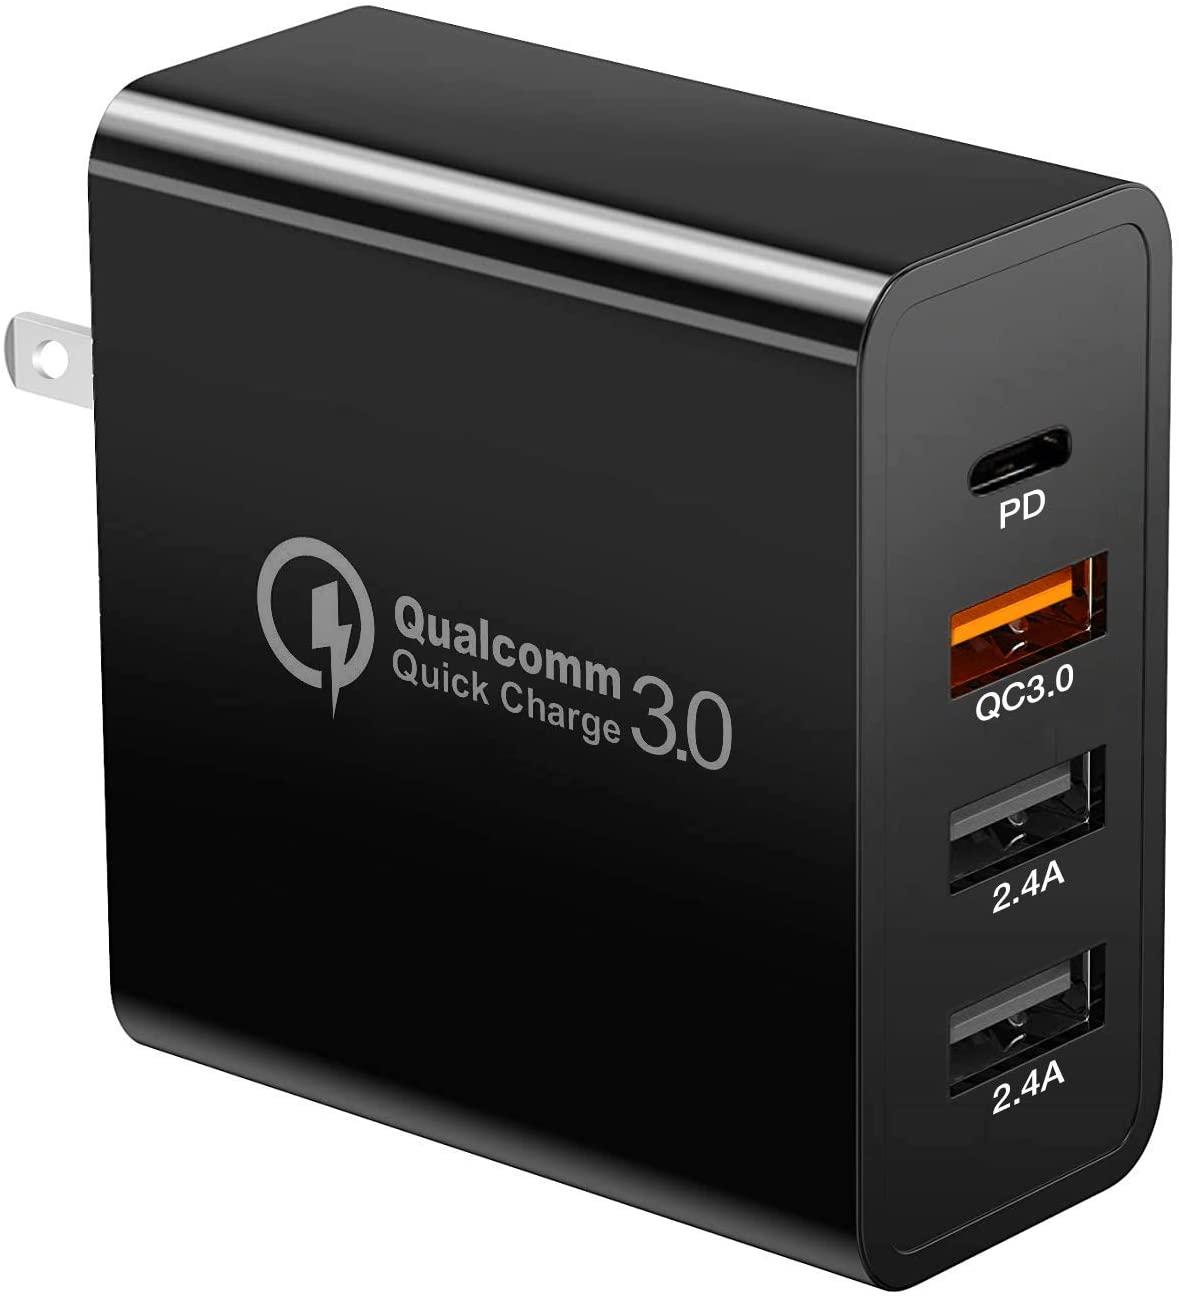 Cargador Qualcom Quick Charge 3.0 con cuatro puertos (cupón de 10% de descuento disponible)